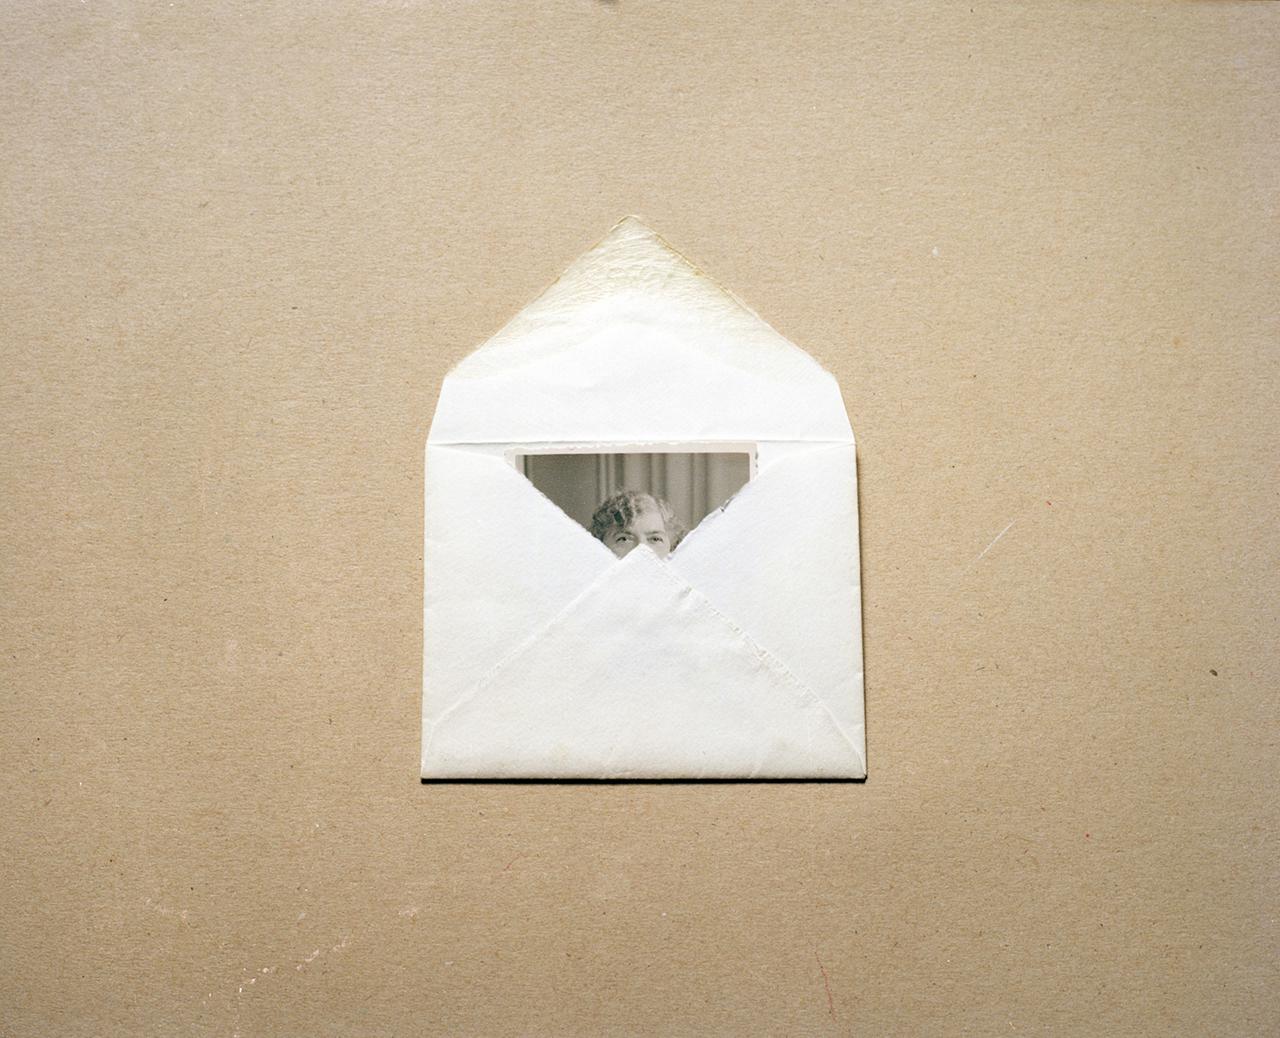 Dana Stirling, Lady in Envelope, 2012